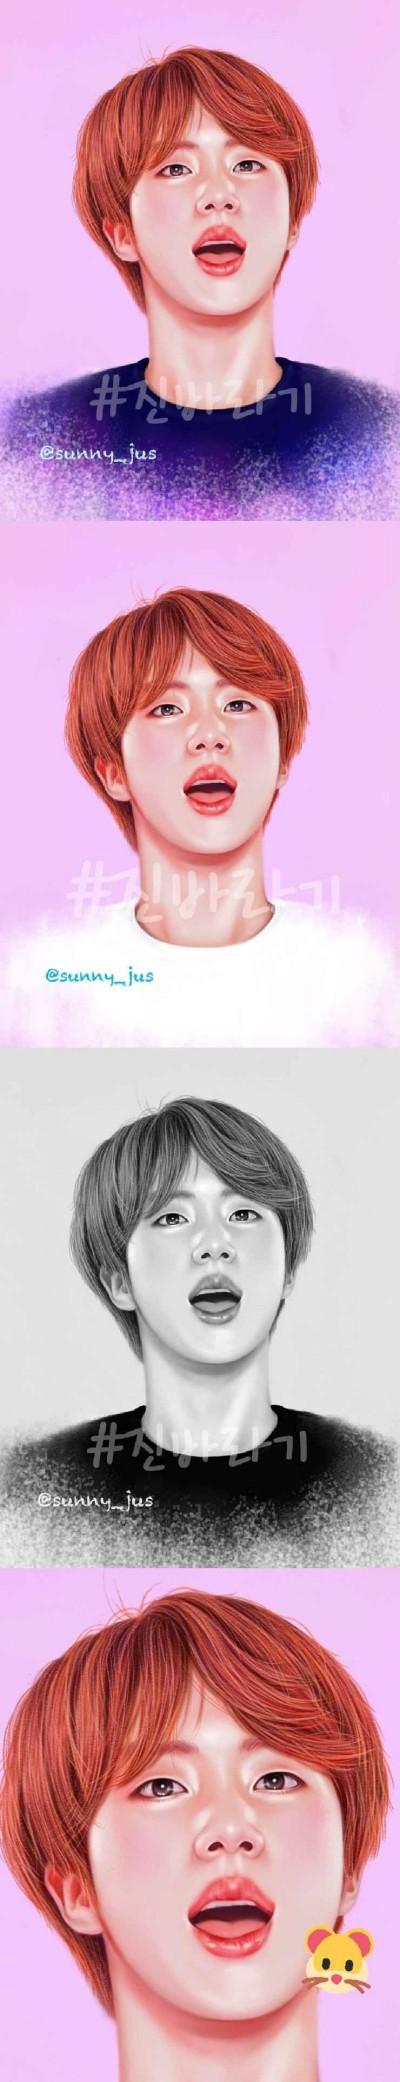 석진이~♡ | Sunny-jus | Digital Drawing | PENUP